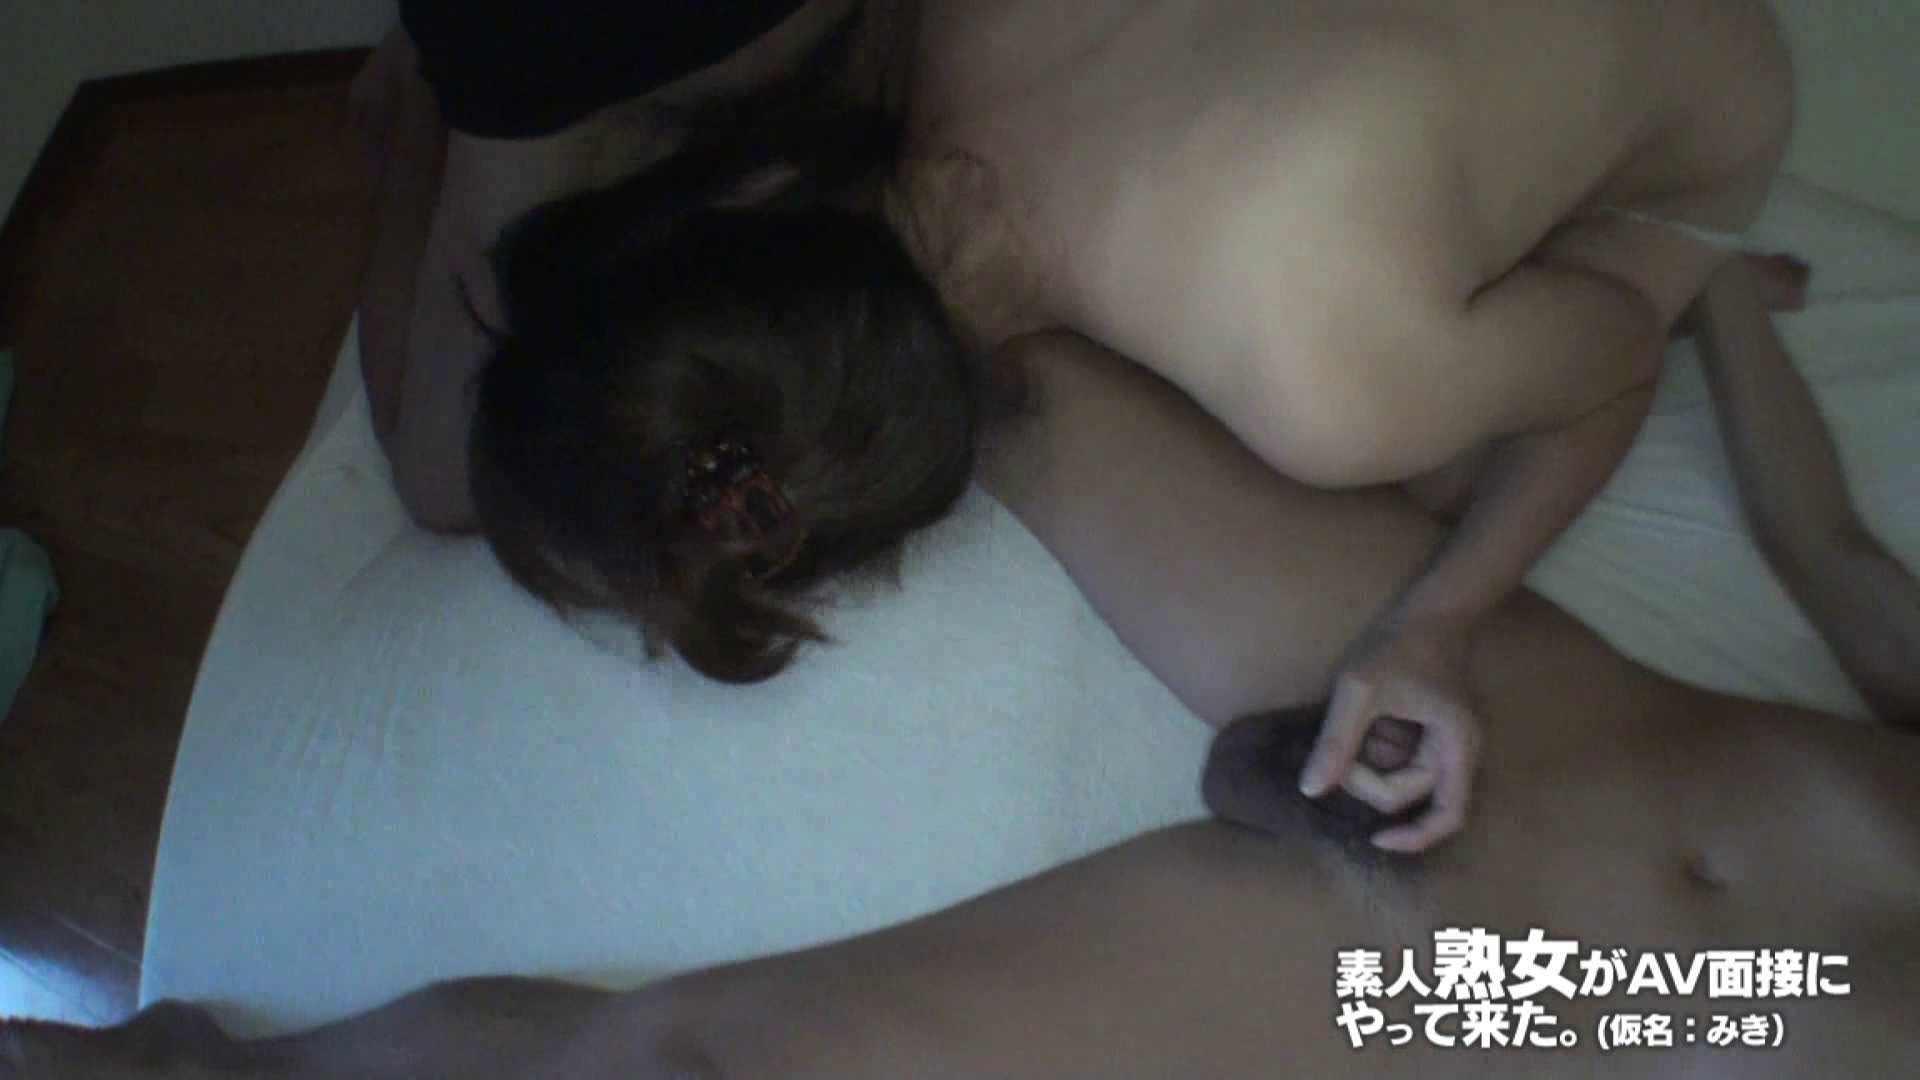 素人熟女がAV面接にやってきた (熟女)みきさんVOL.04(前編) ギャル達のセックス | 素人  102画像 96